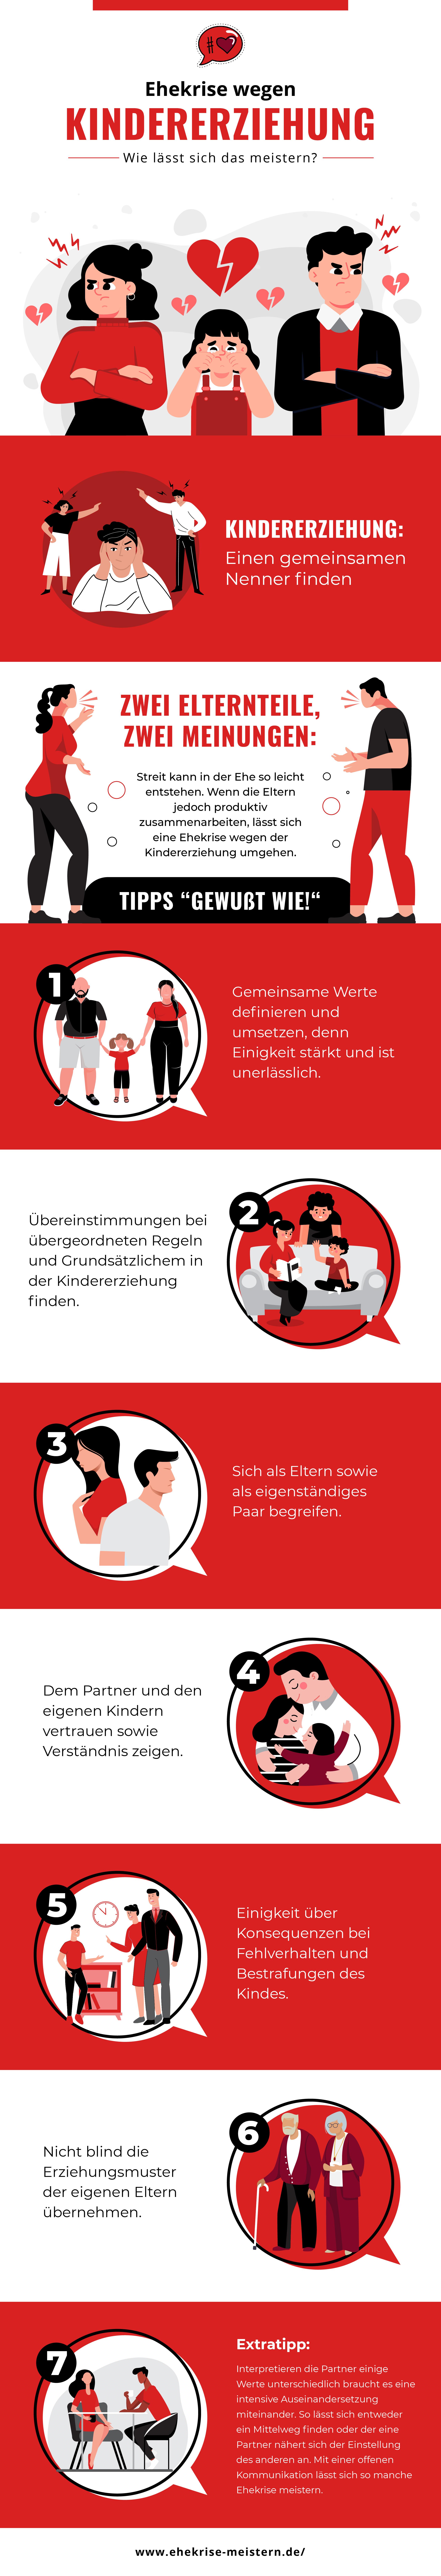 Infografik Ehekrise Wegen Kindererziehung: Wie Lässt Sich Das Meistern